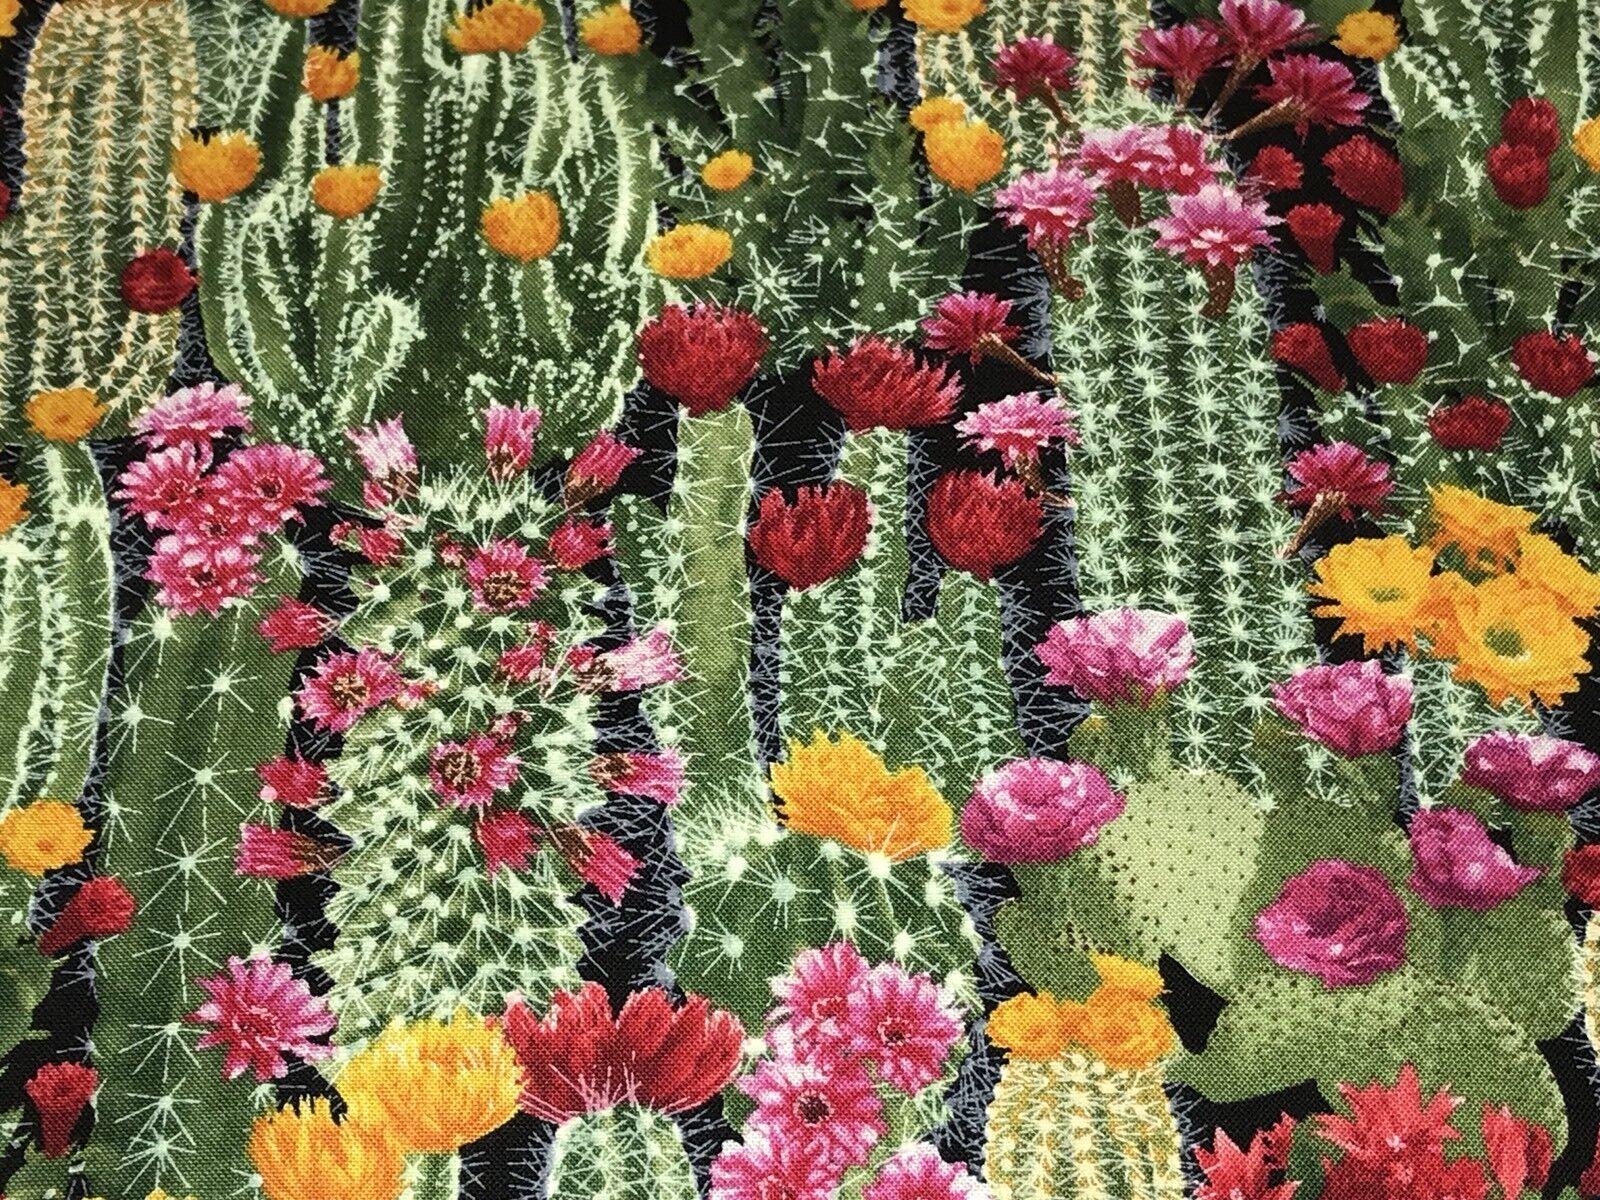 100/% Cotton 1649-26641-S SOUTHWEST SOUL QUILT Fabric Rust Cactus Cactus /& Flowers Quilting Treasures Sewing Material Desert Cactus